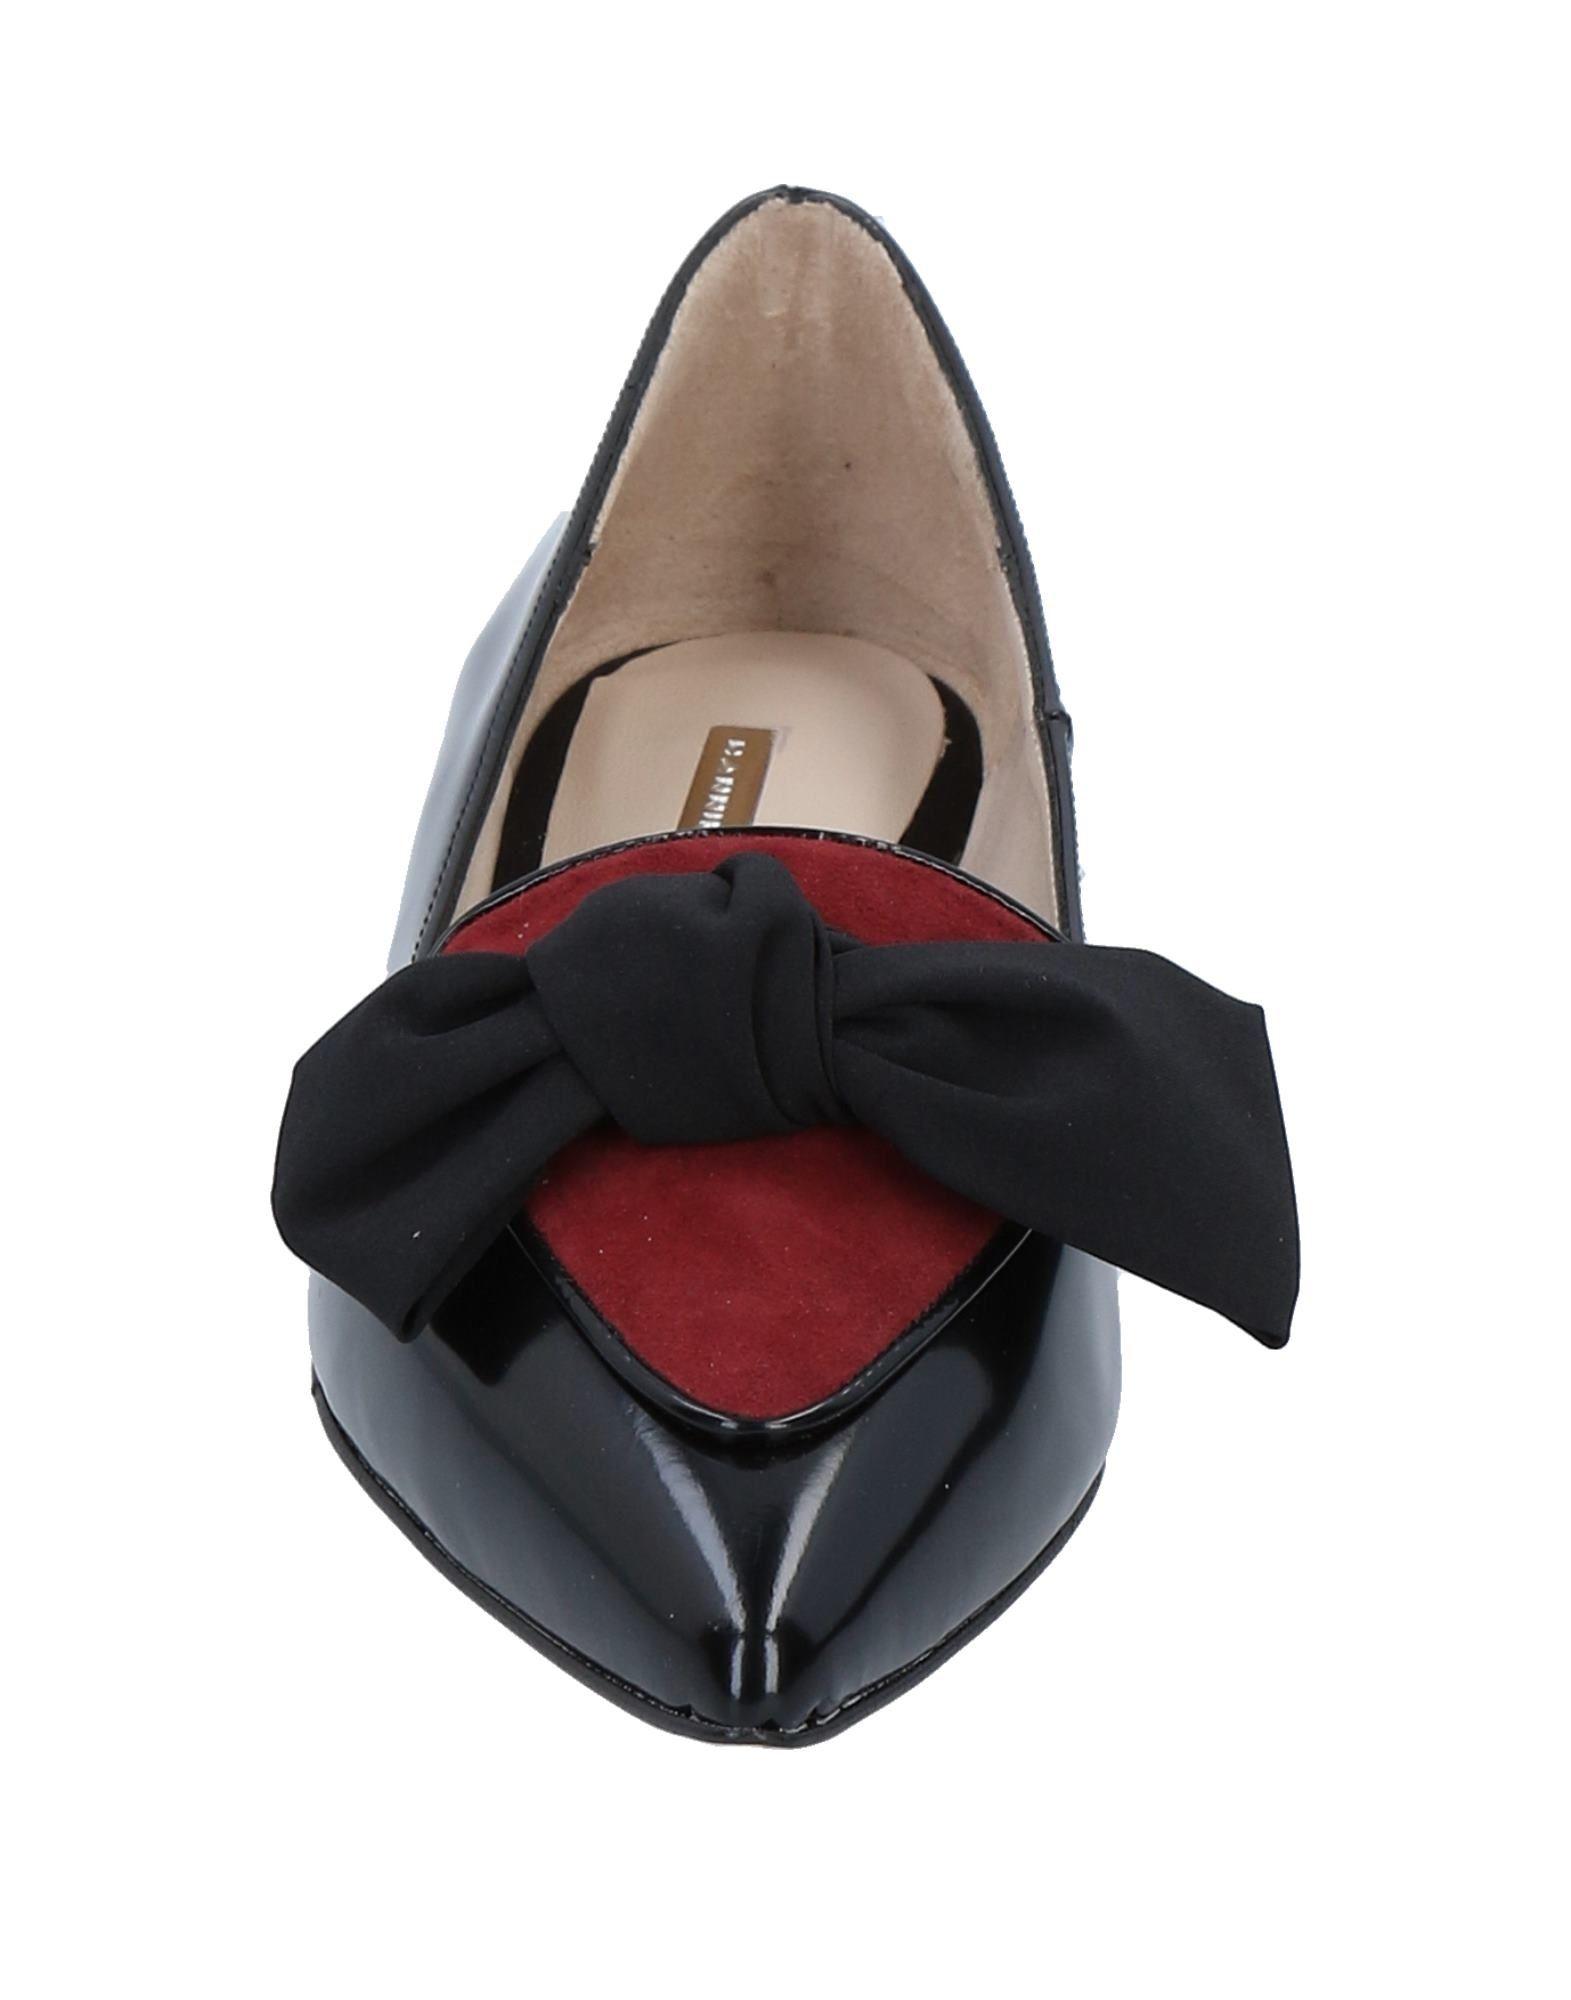 Hannibal Laguna Ballerinas Damen beliebte  11541758AA Gute Qualität beliebte Damen Schuhe 6bafc5